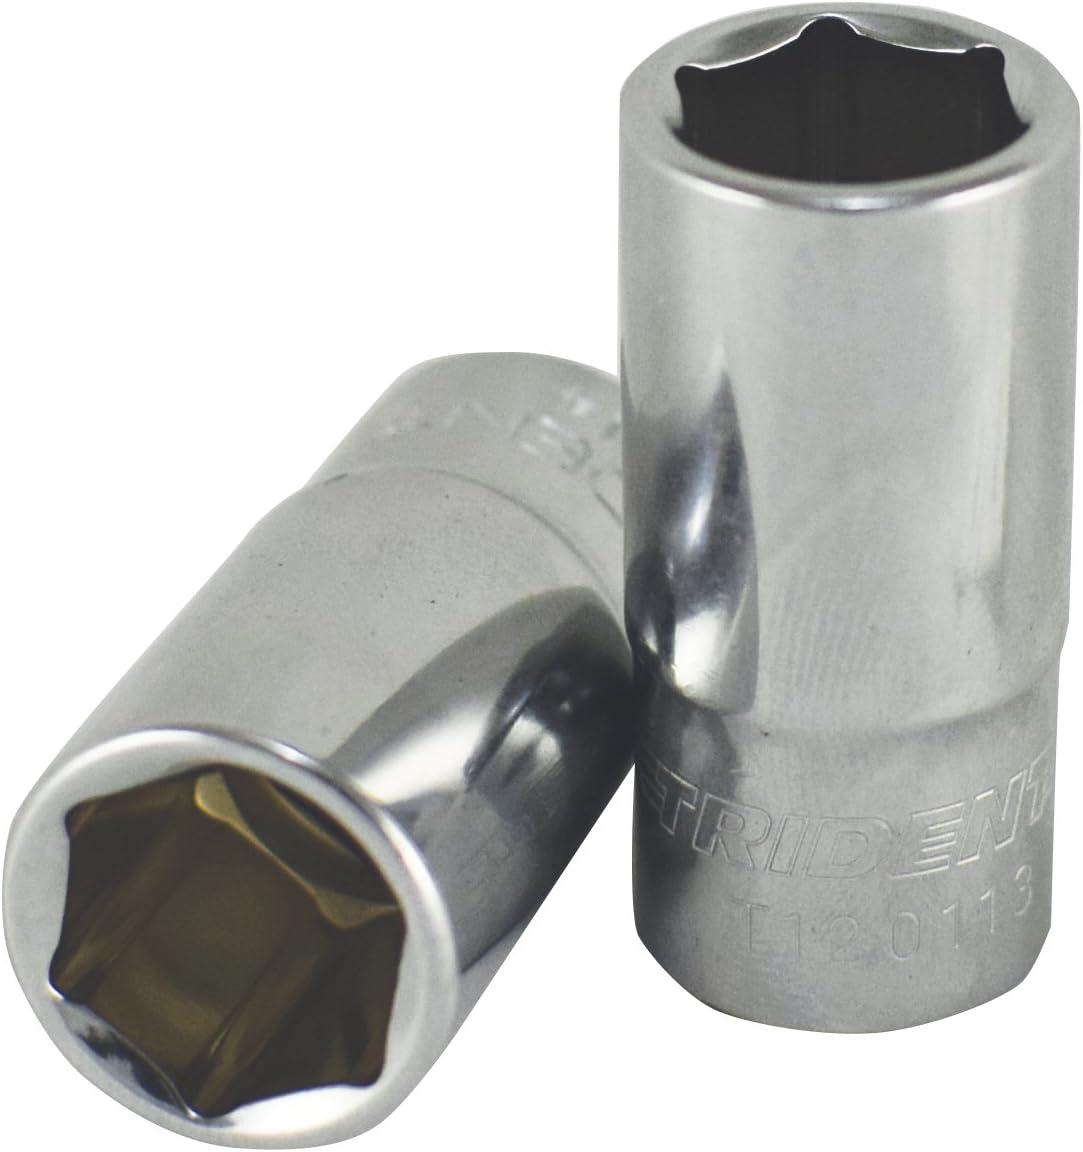 Trident 3//8 Drive Semi Deep Socket 12mm 40mm Deep T120112 Free P/&P